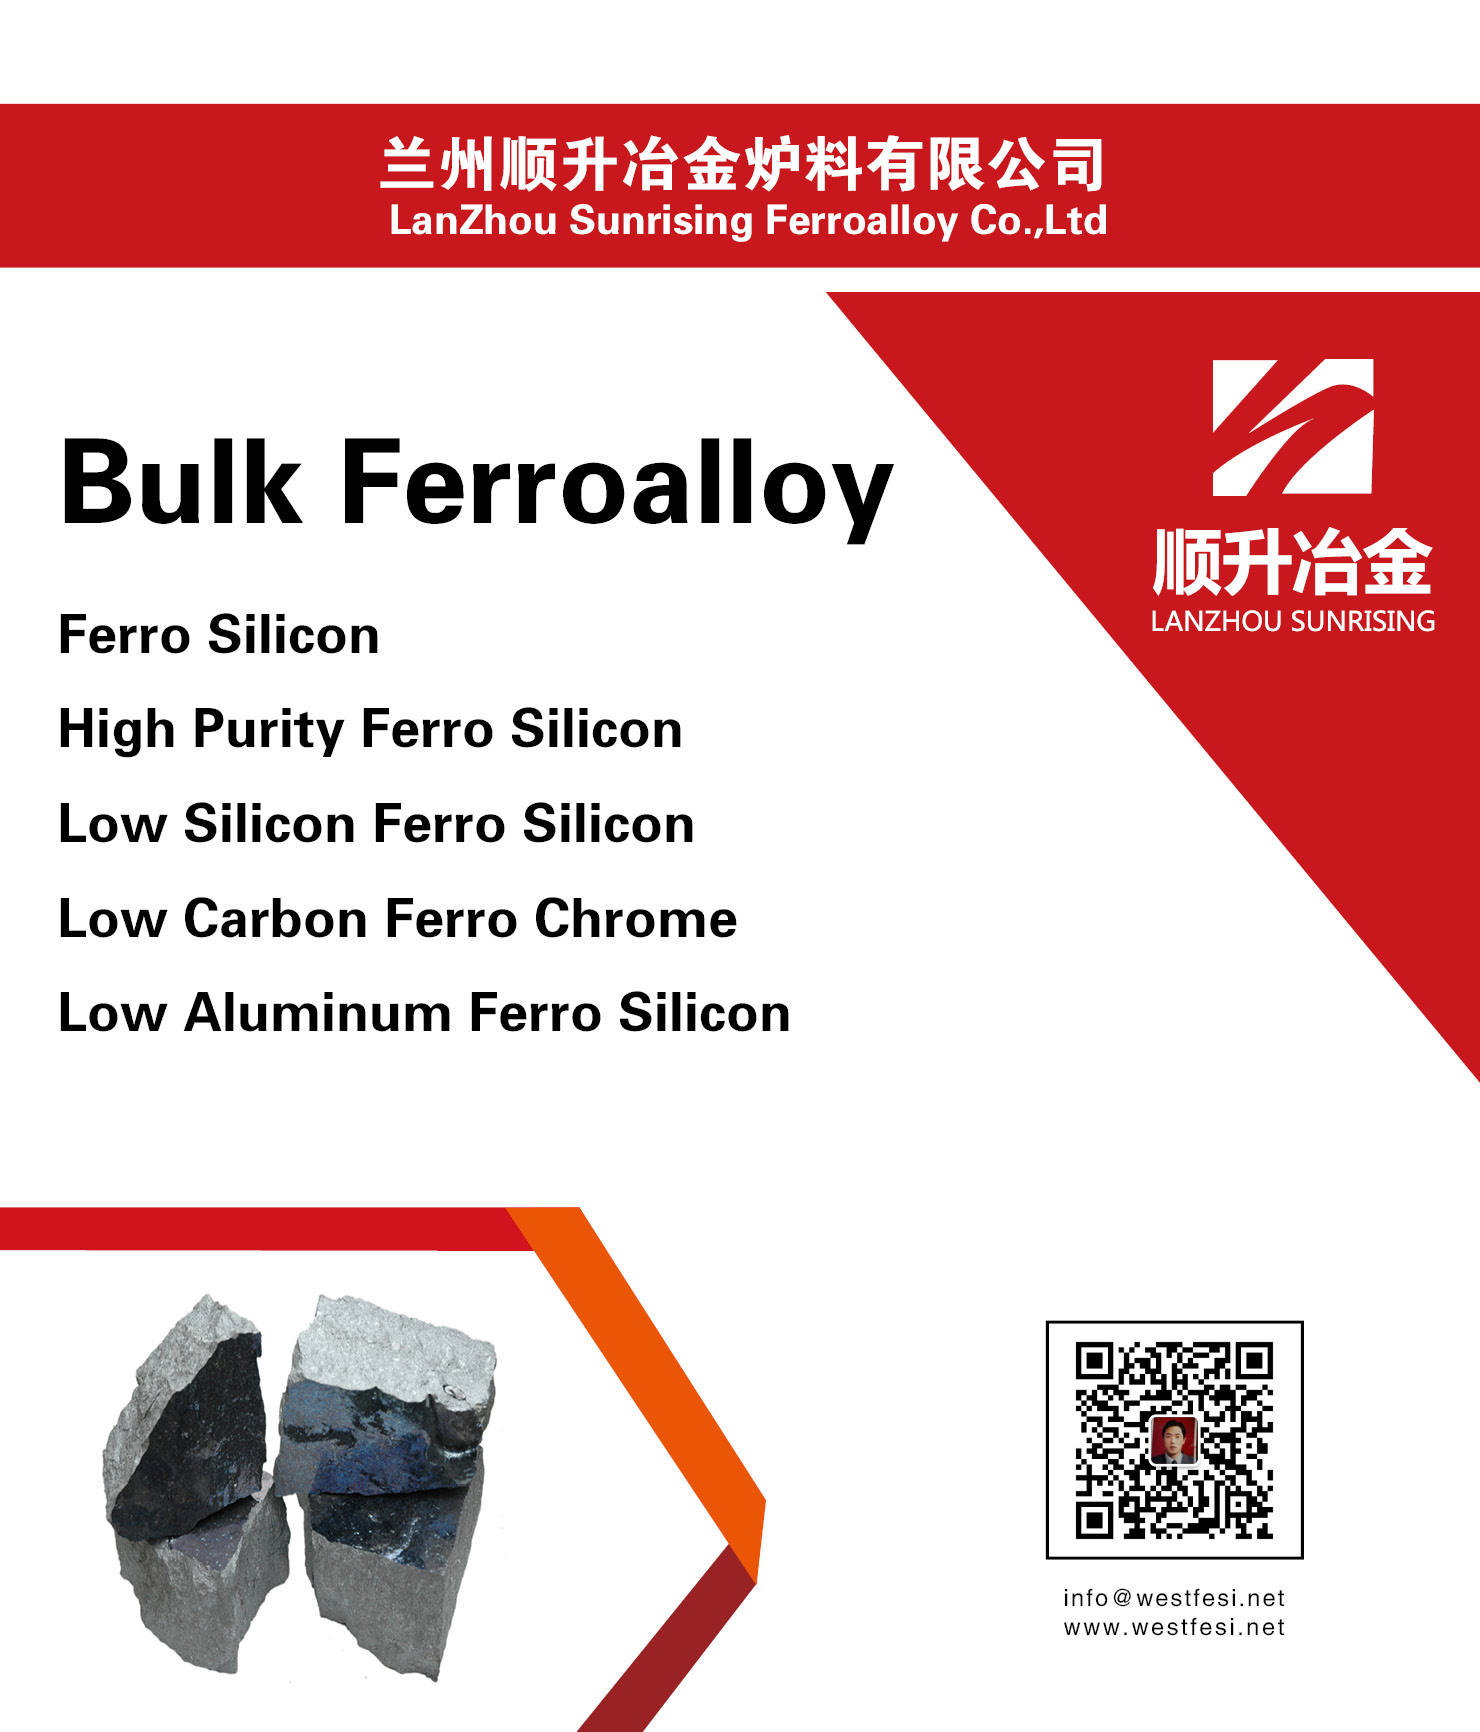 Low Silicon Ferro Silicon (Low Si FeSi)